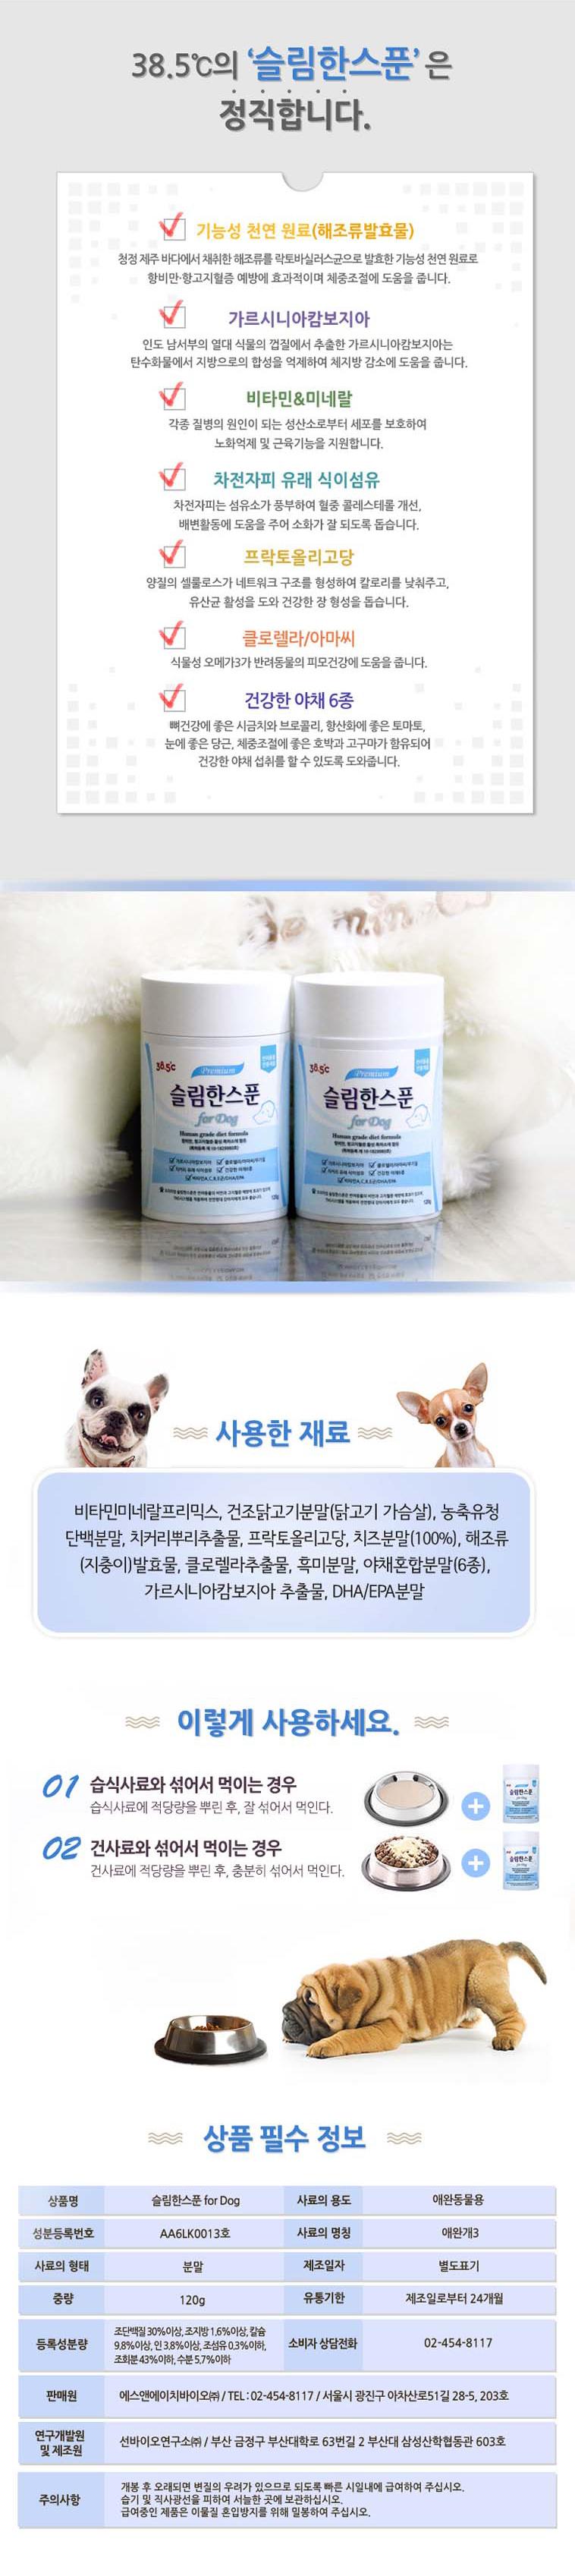 슬림한스푼 For Dog 강아지 체중조절 다이어트 - 펫케어, 25,000원, 간식/영양제, 영양보호제